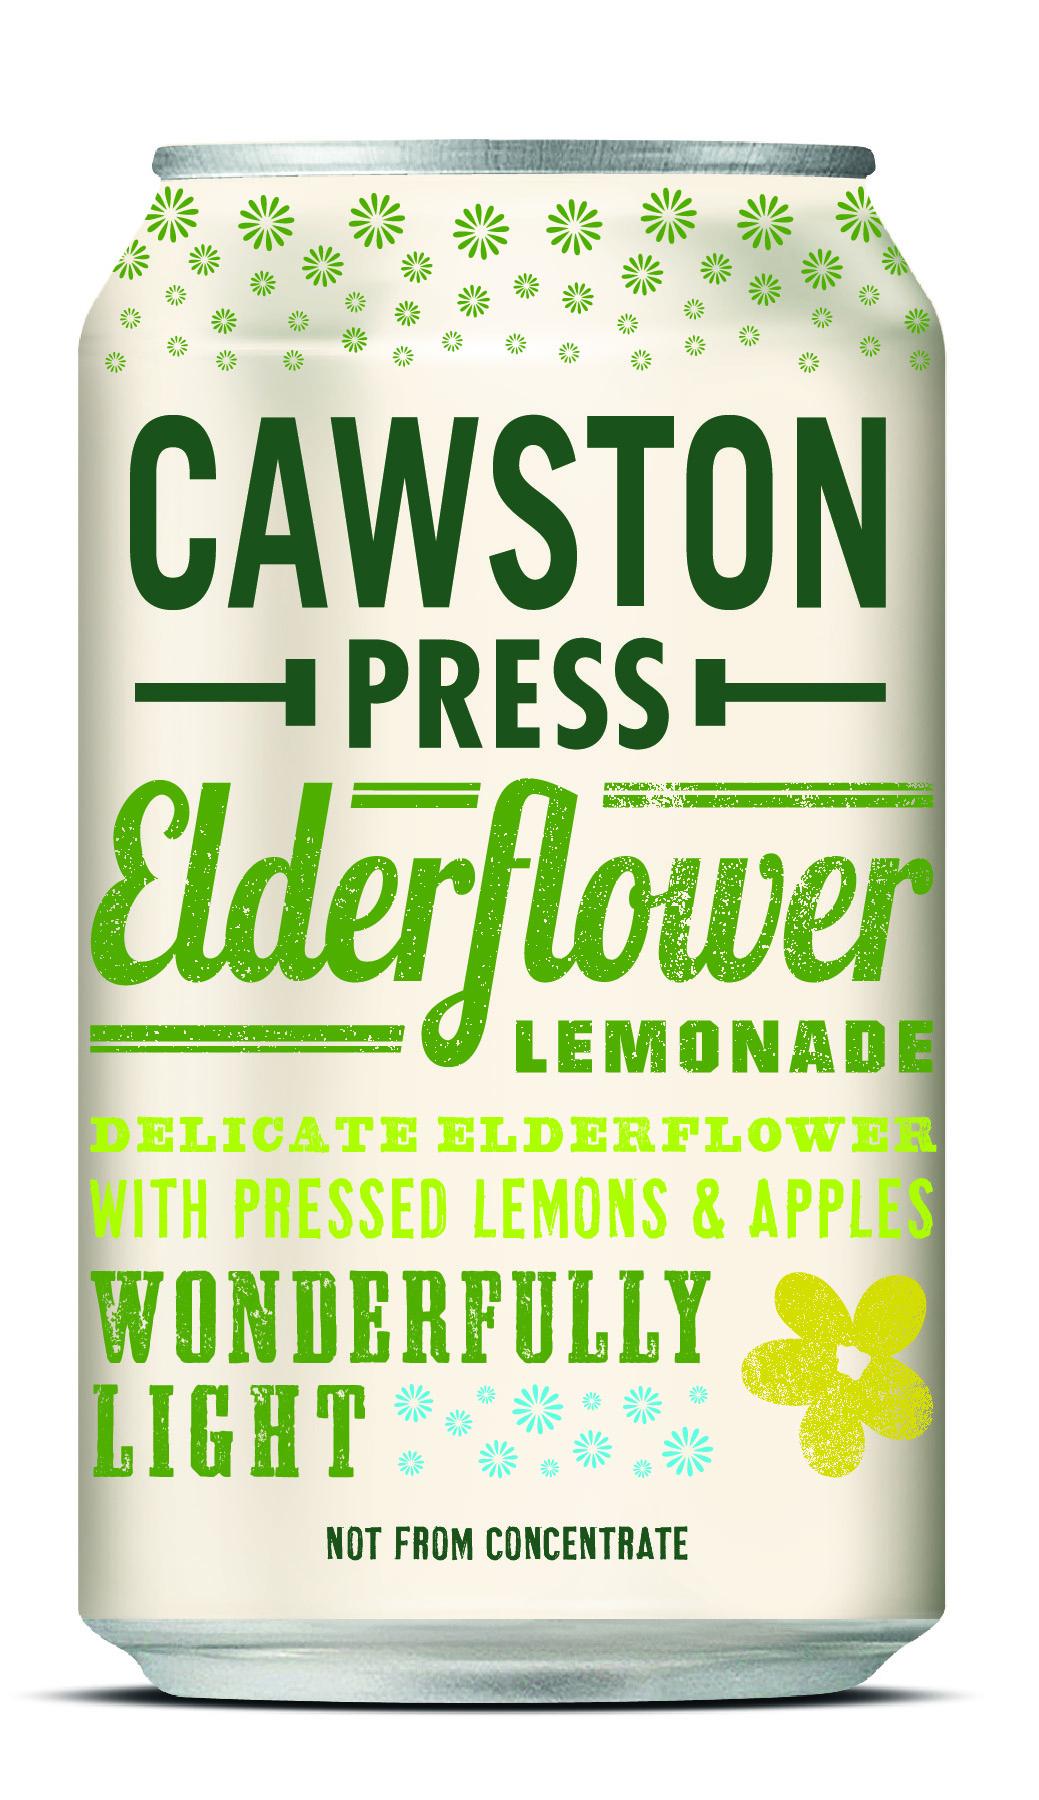 Sparkling Elderflower Lemonade Multipack 6x4